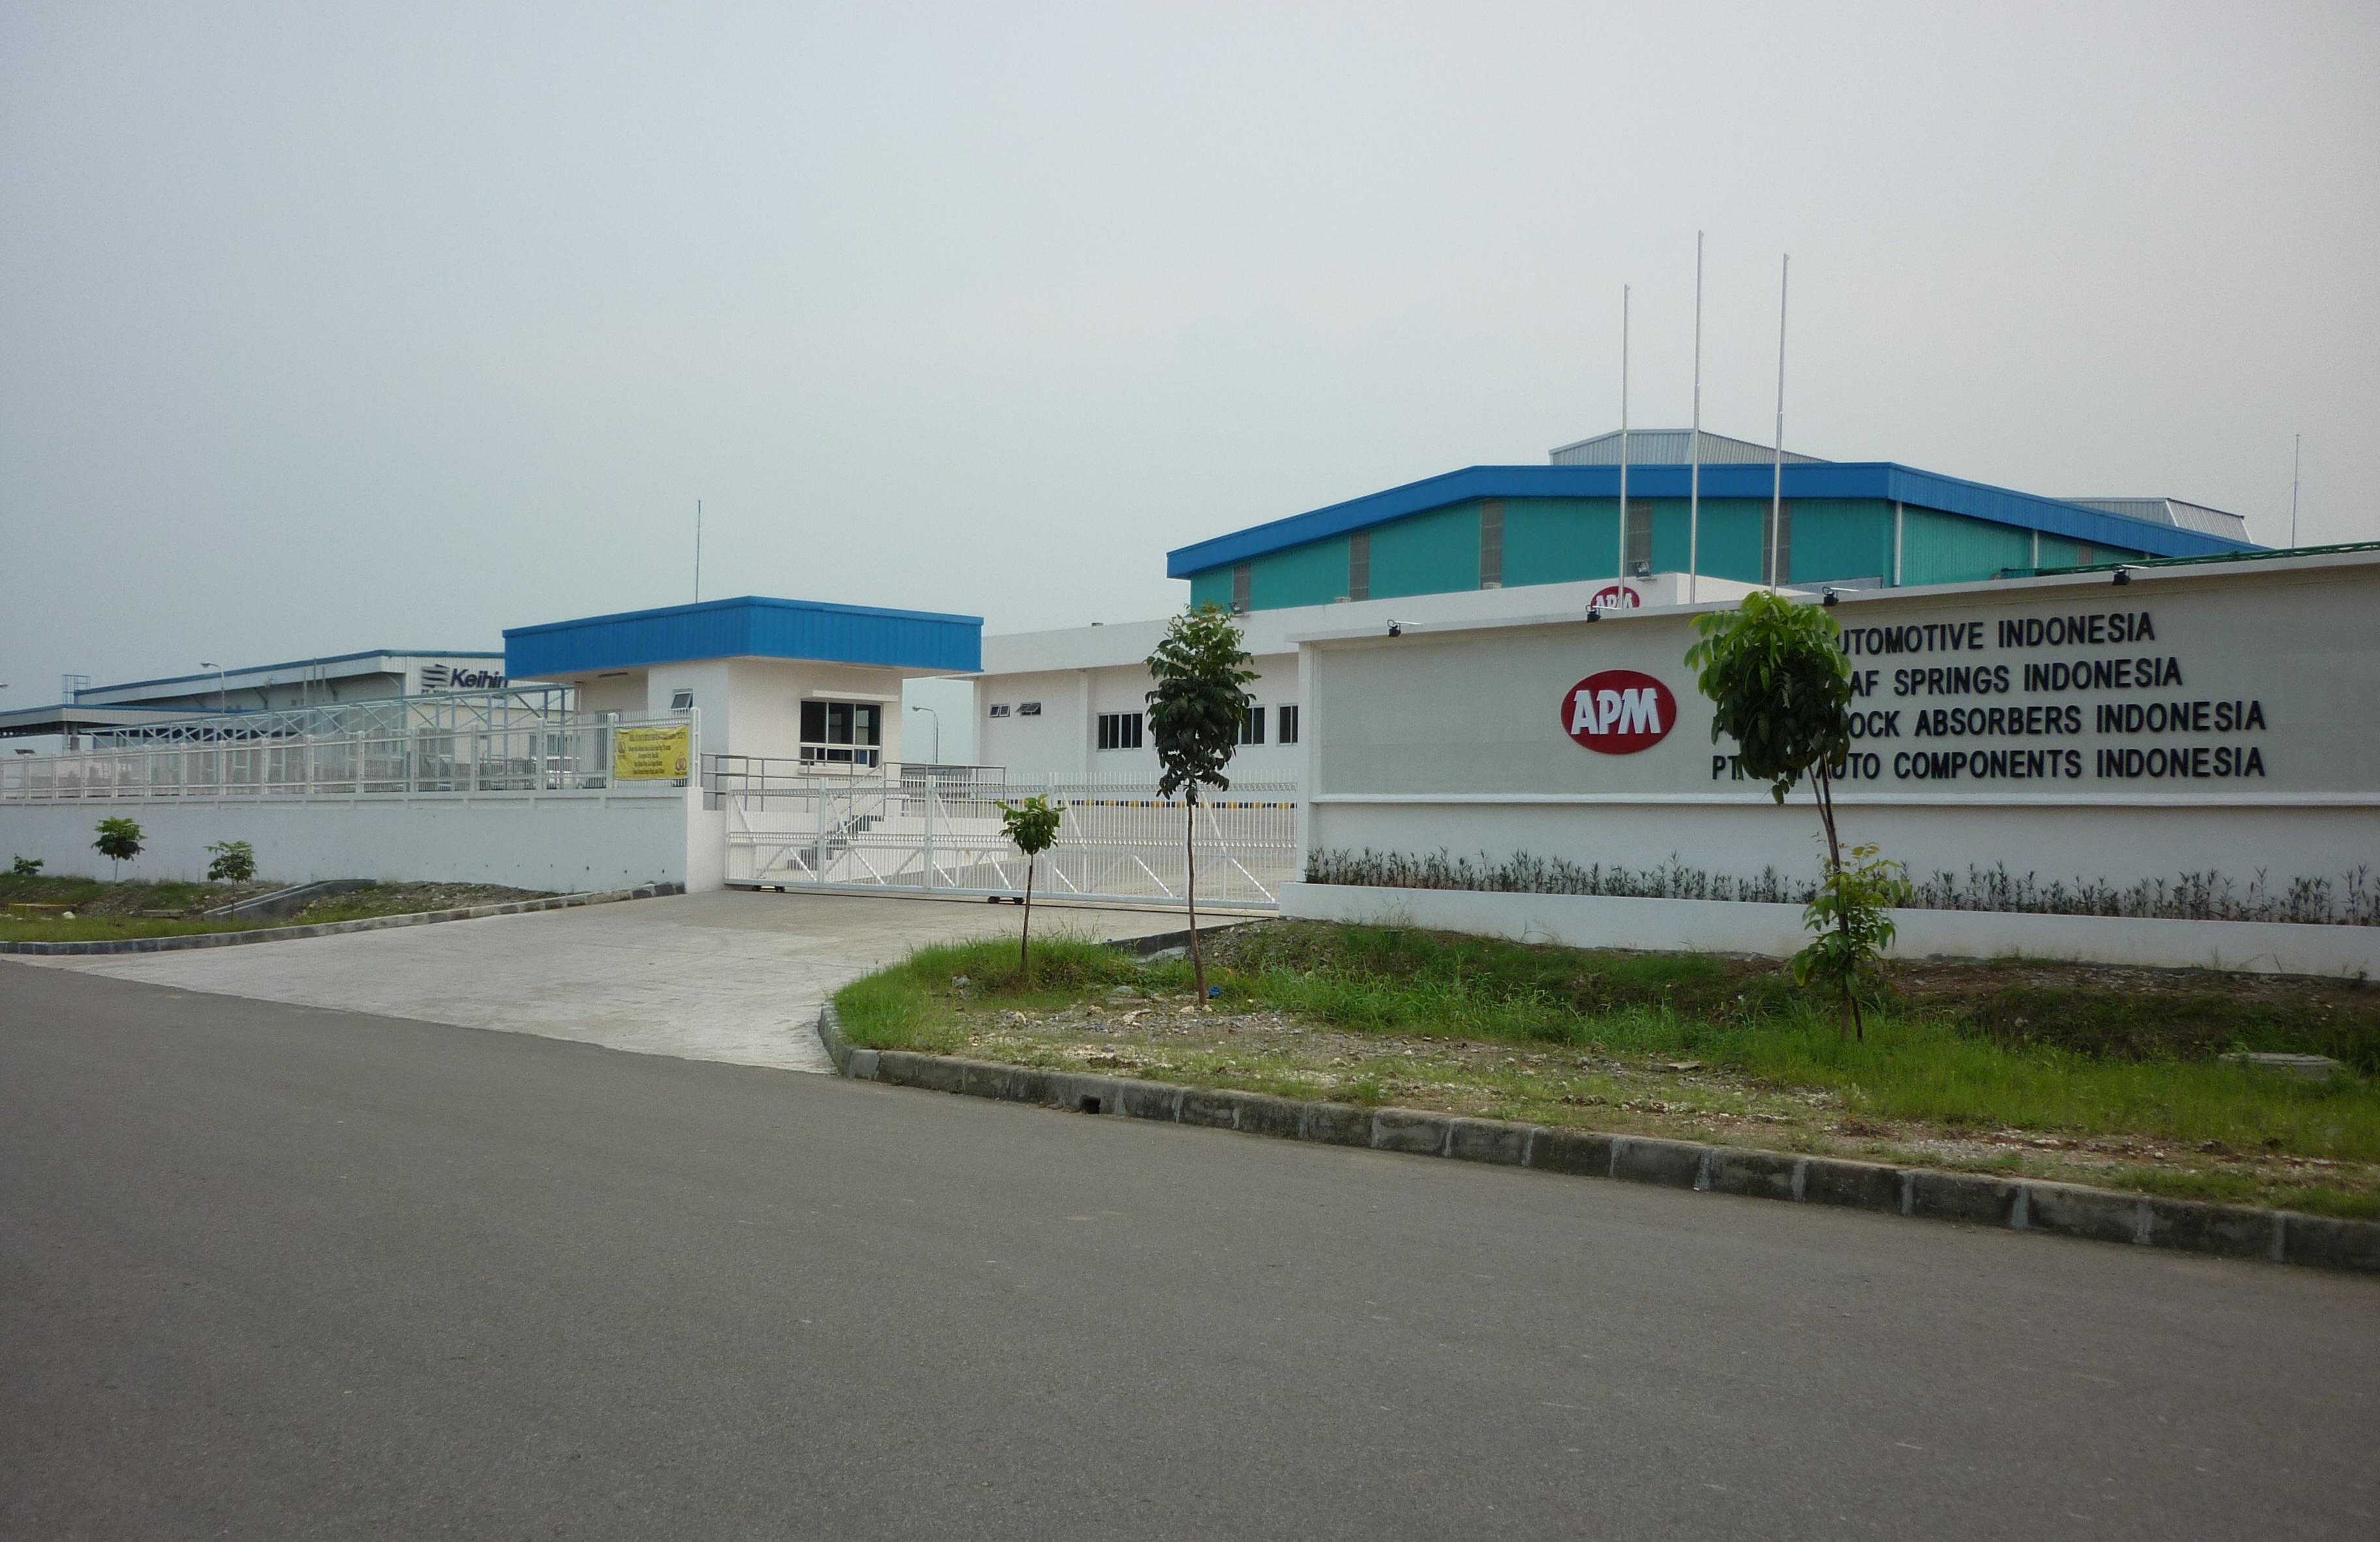 APM Automotive Indonesia PT